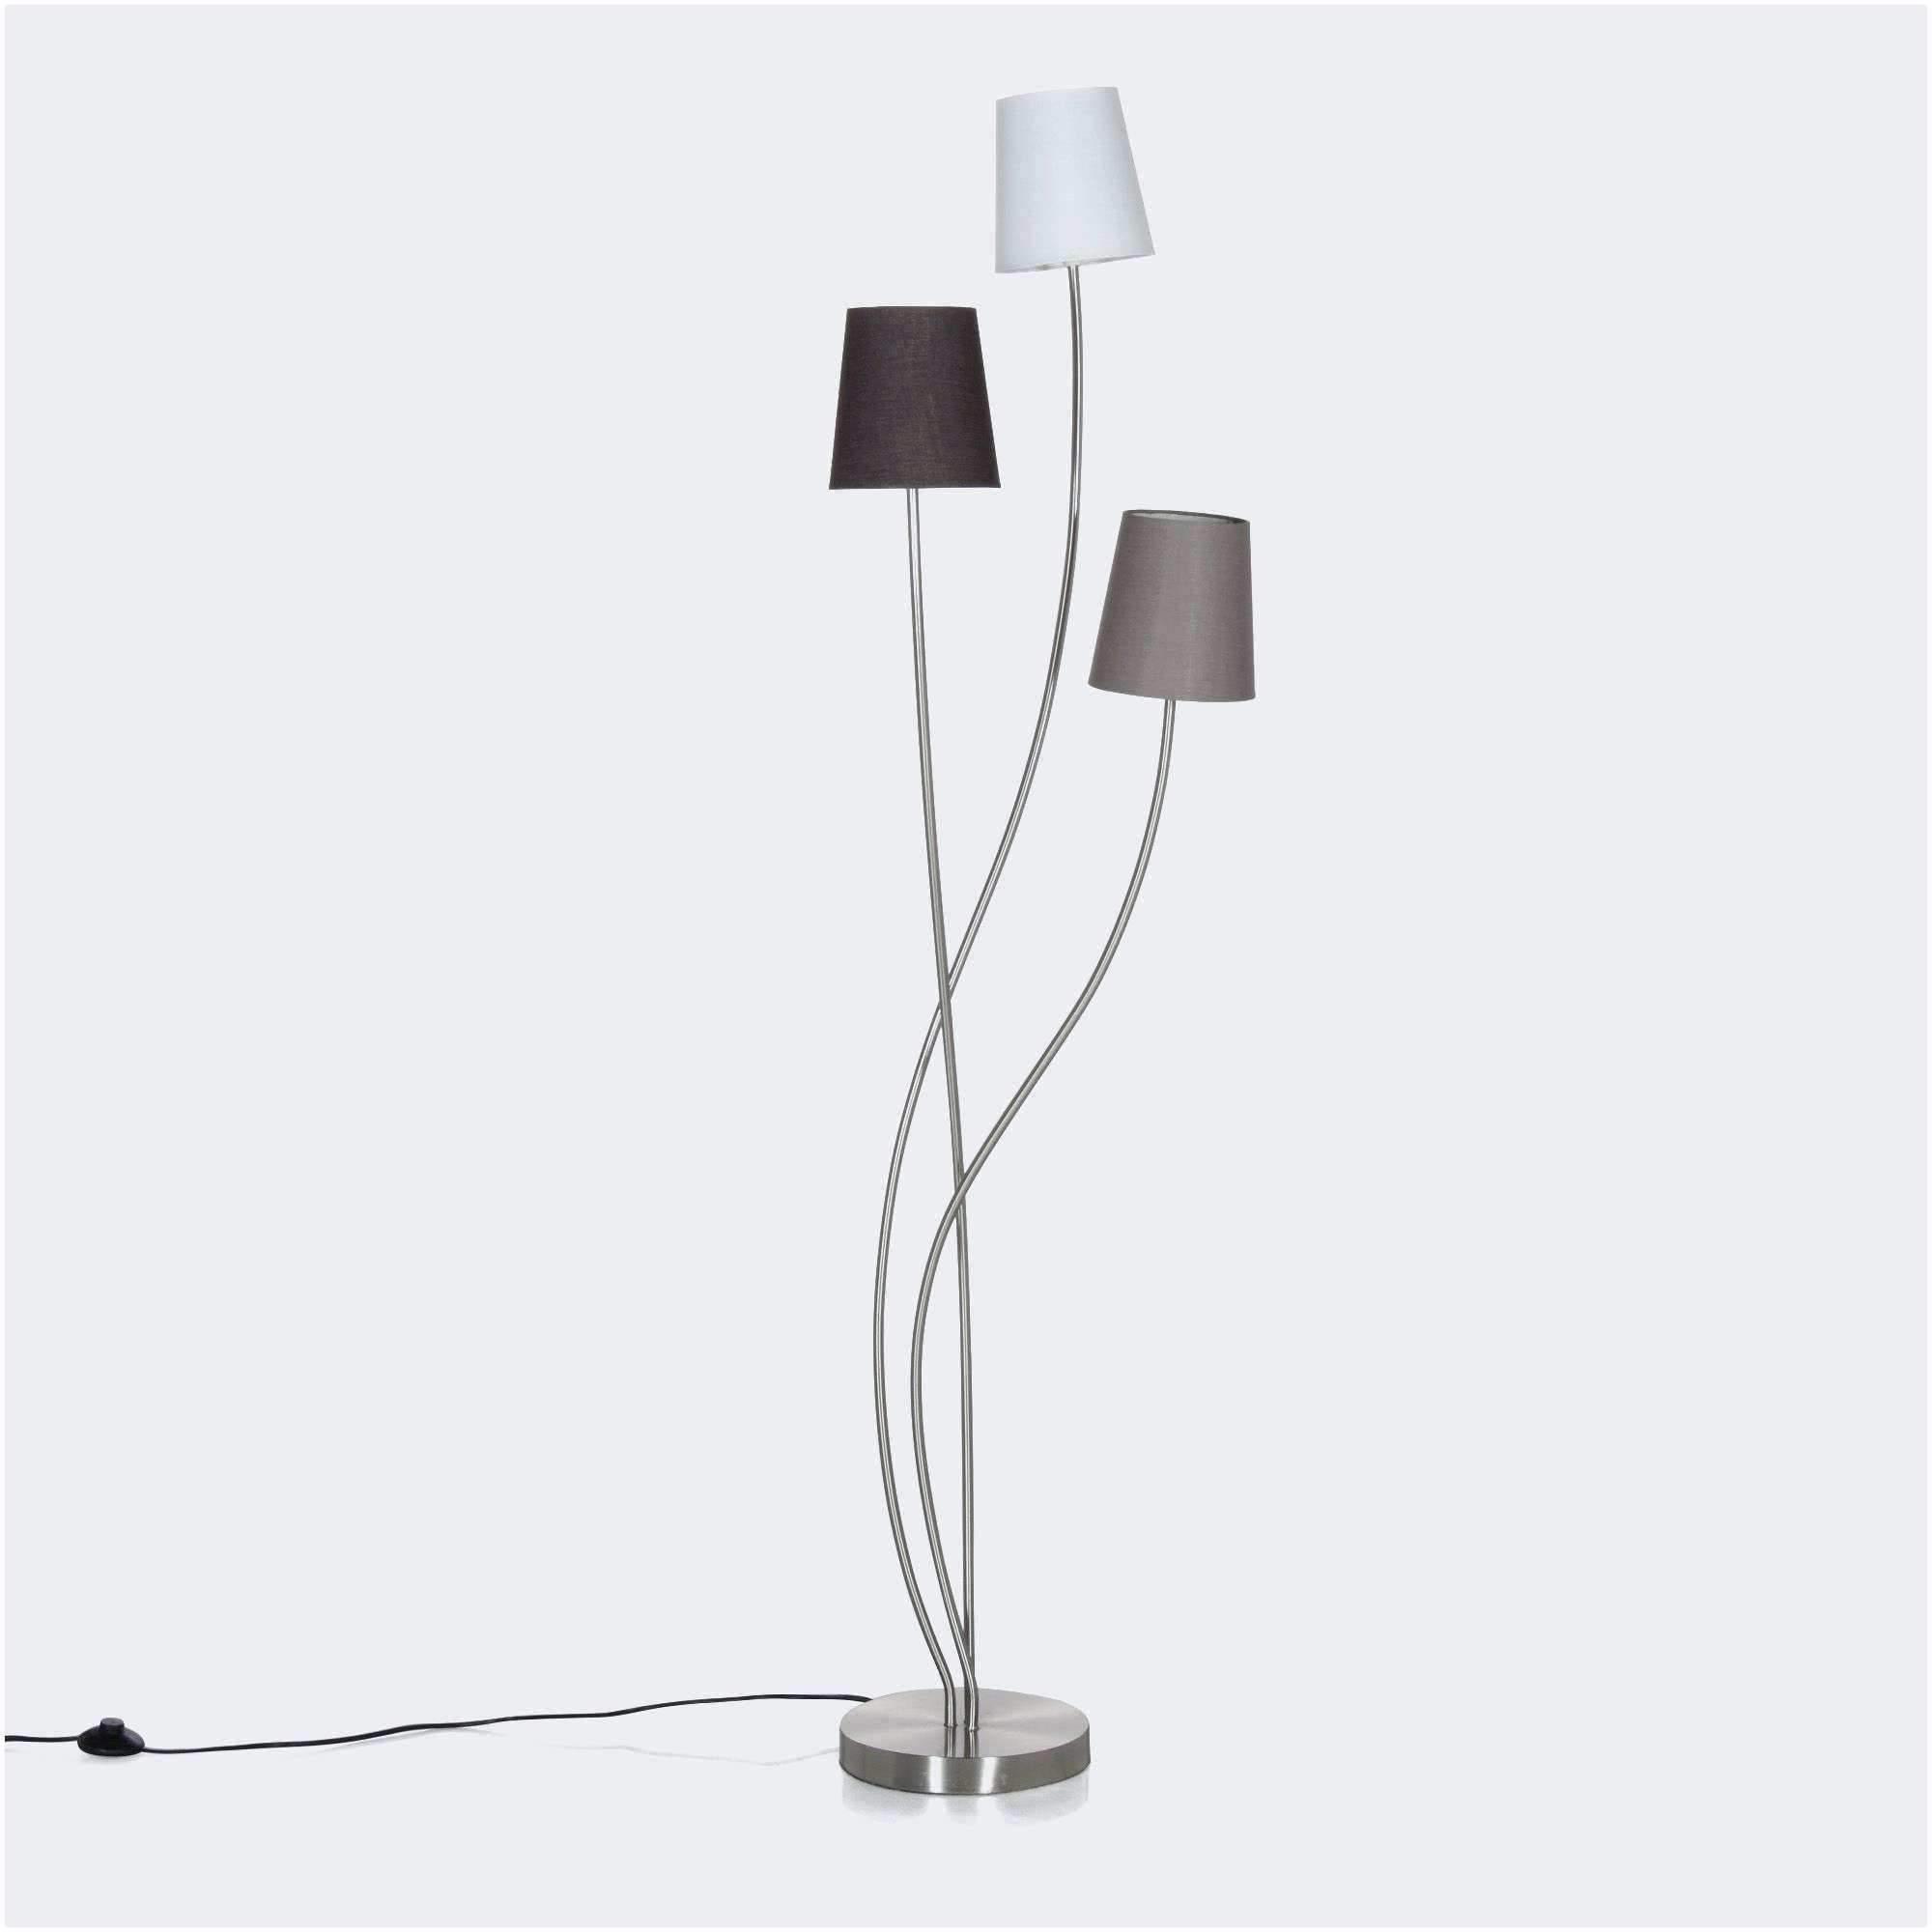 garten stehlampe das beste von 40 inspirierend stehlampe wohnzimmer modern neu of garten stehlampe